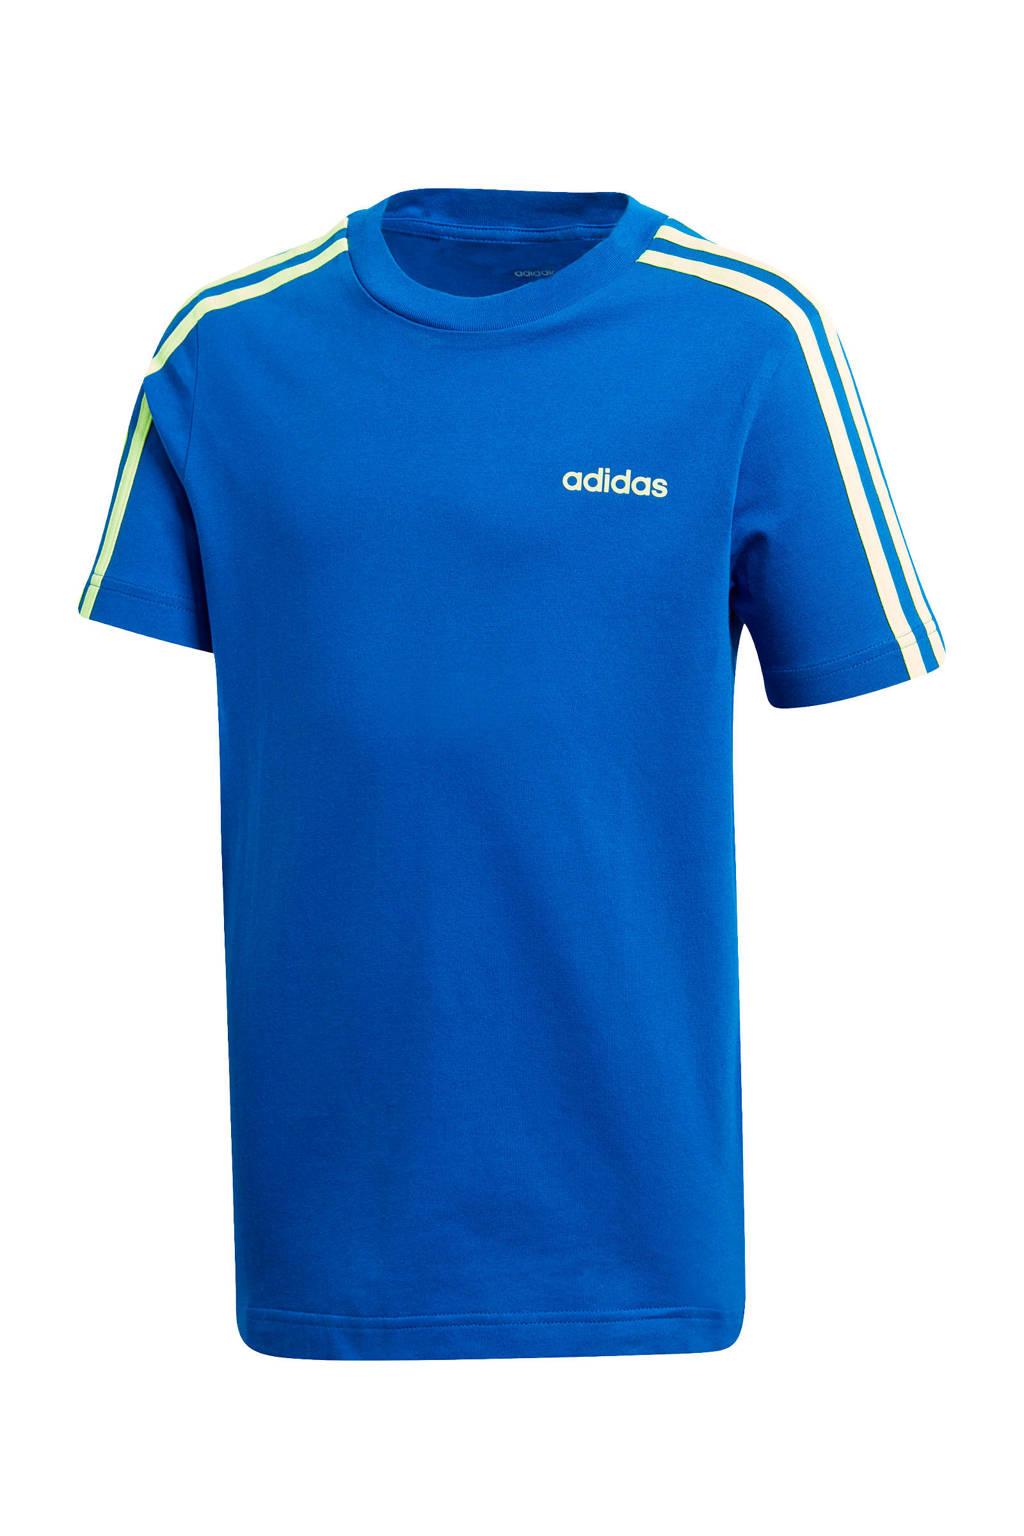 adidas Performance   sport T-shirt blauw/limegroen, Blauw/limegroen